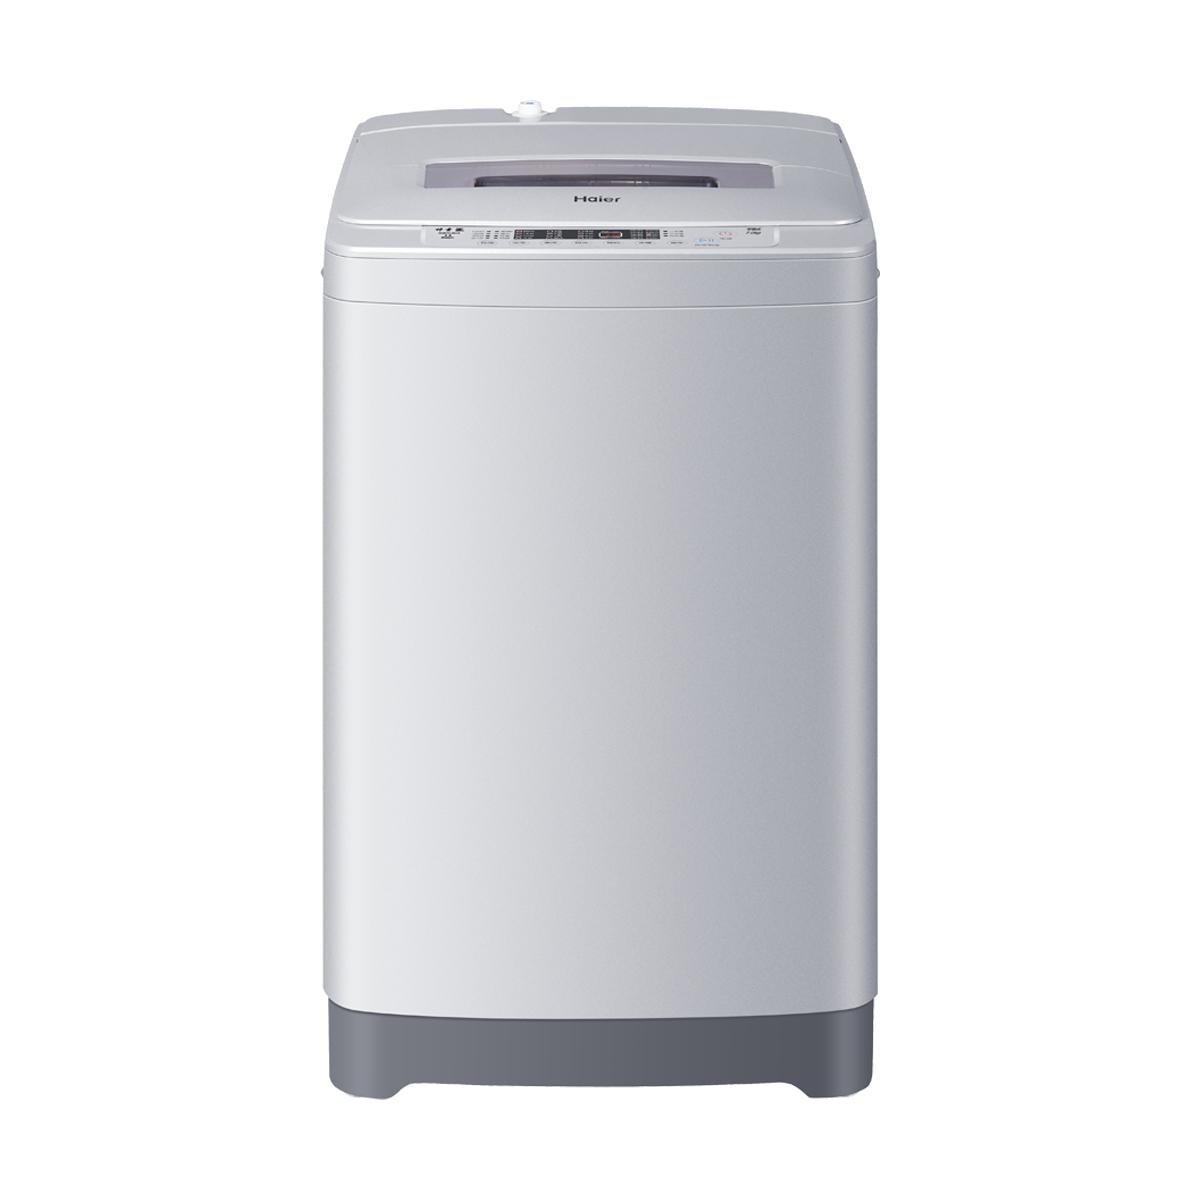 海尔Haier洗衣机 XQB70-S918 说明书